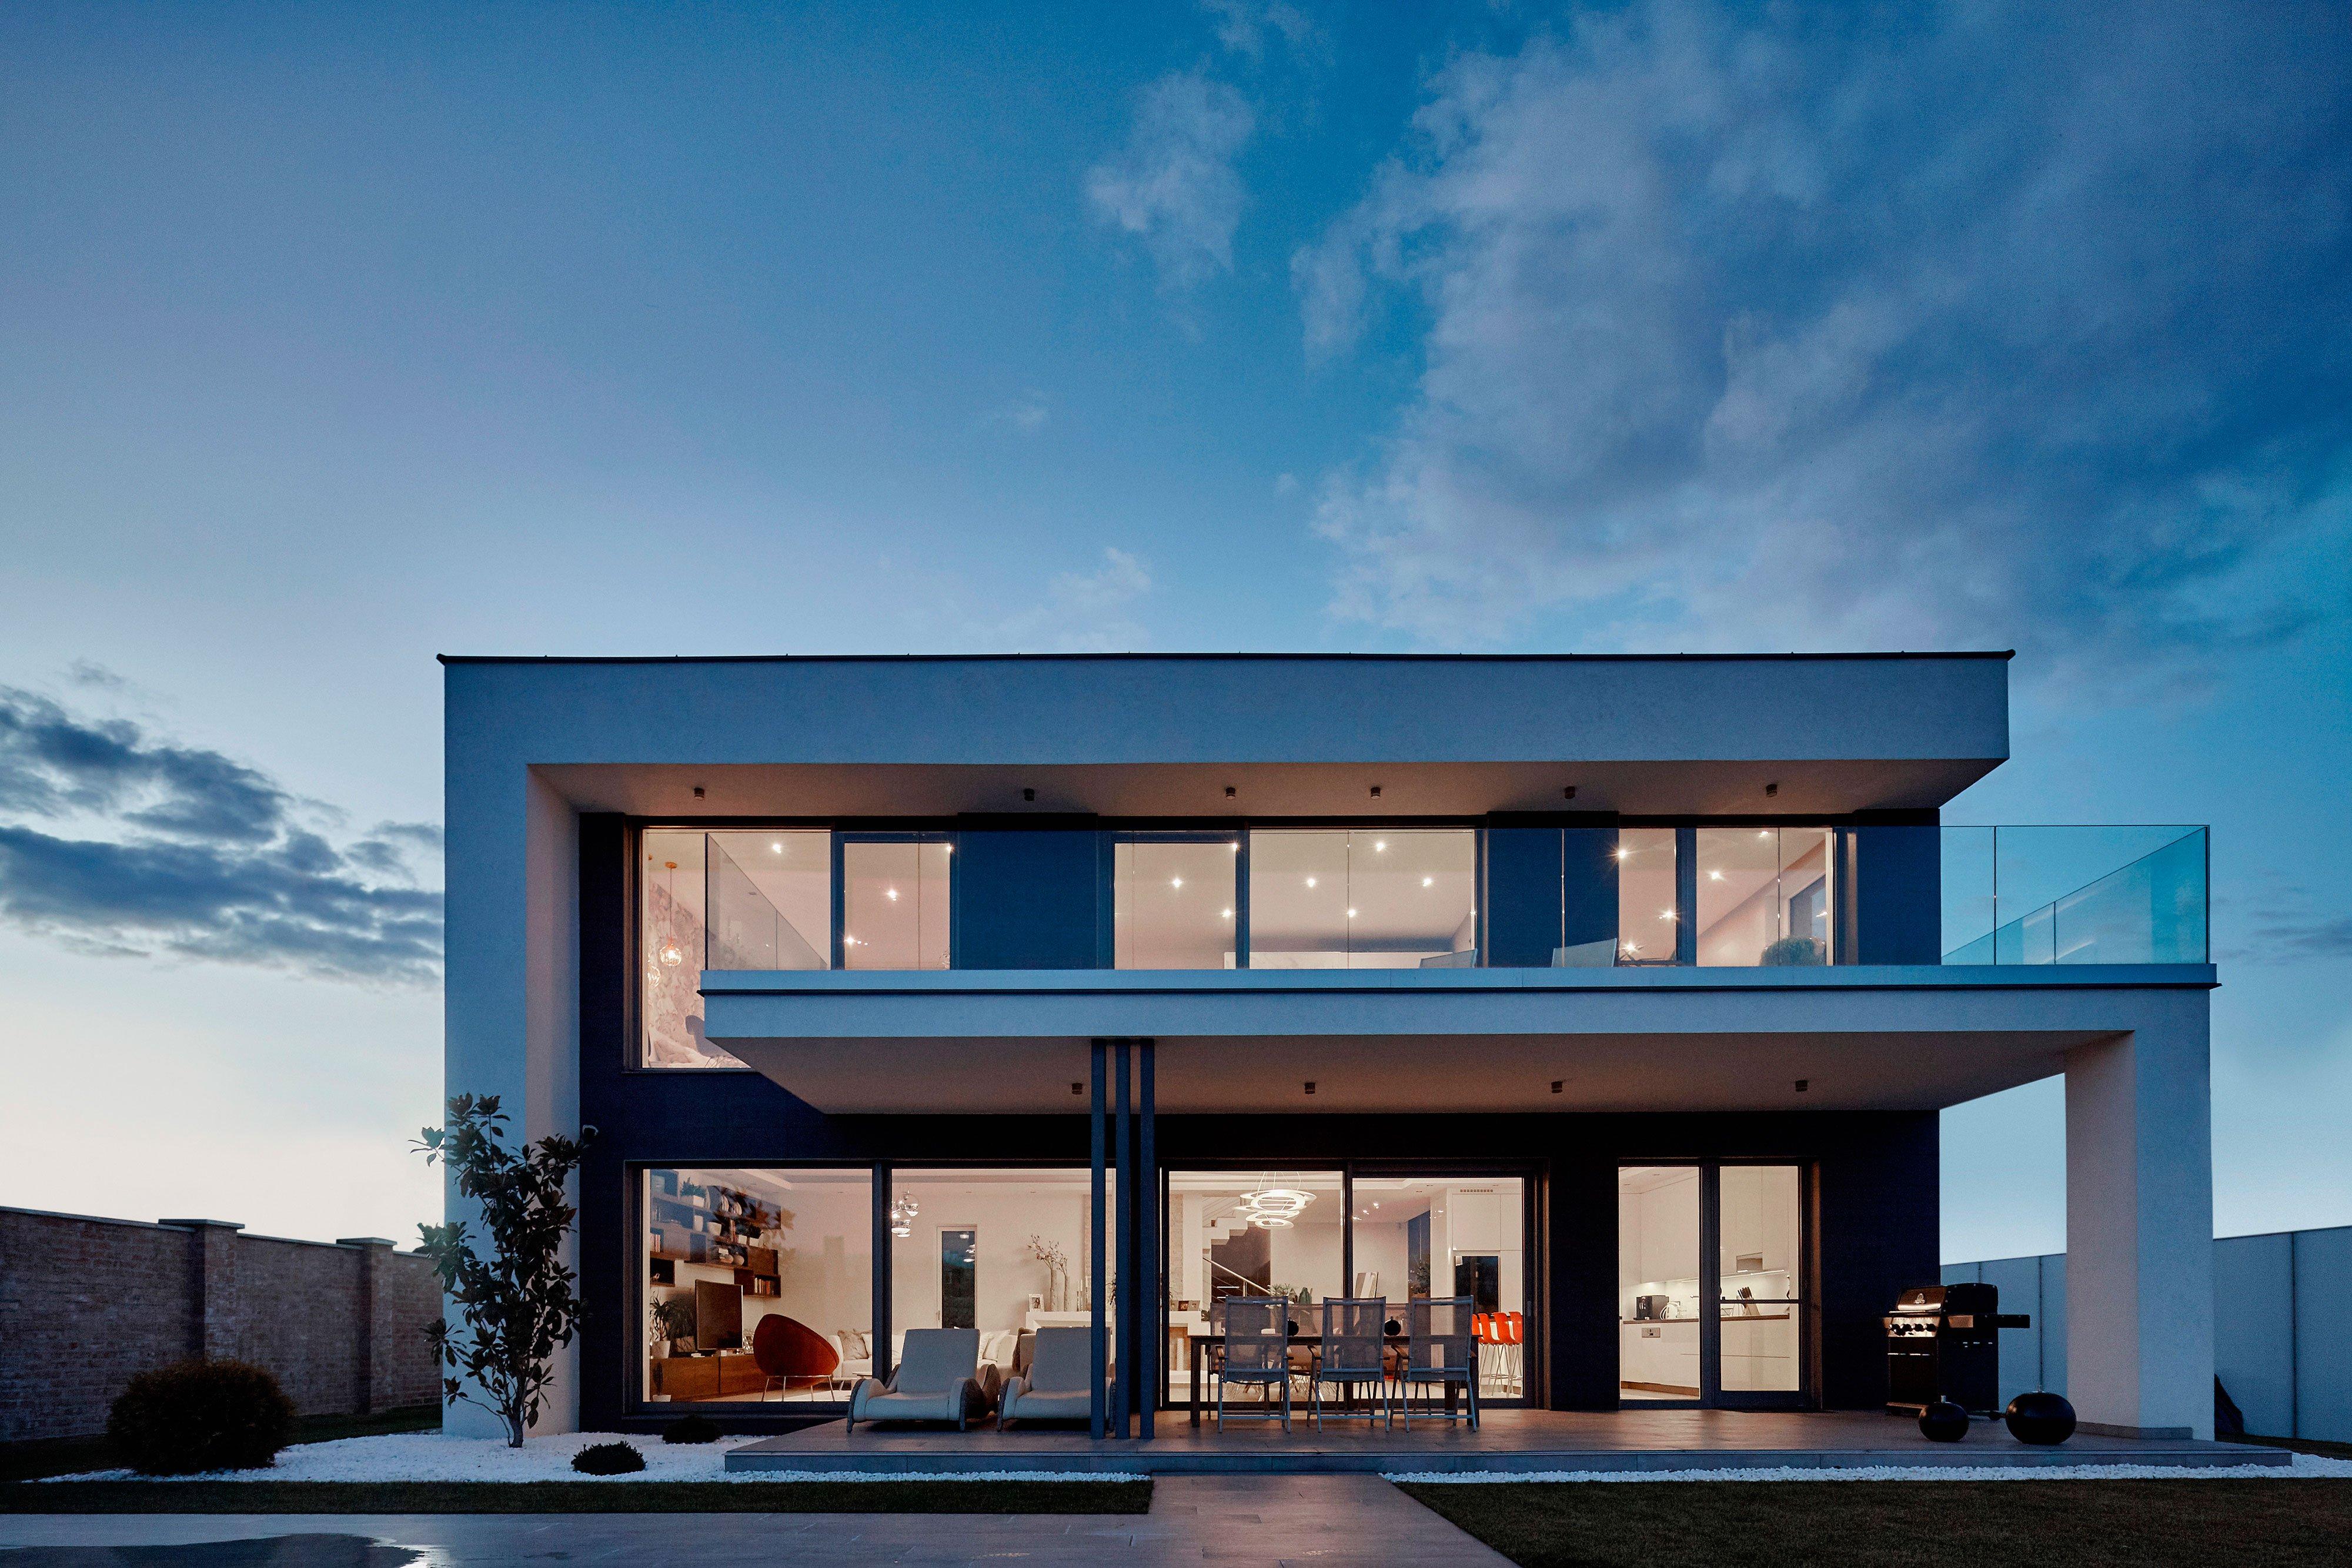 architekturwettbewerb internorm zeichnet die sch nsten h user aus. Black Bedroom Furniture Sets. Home Design Ideas